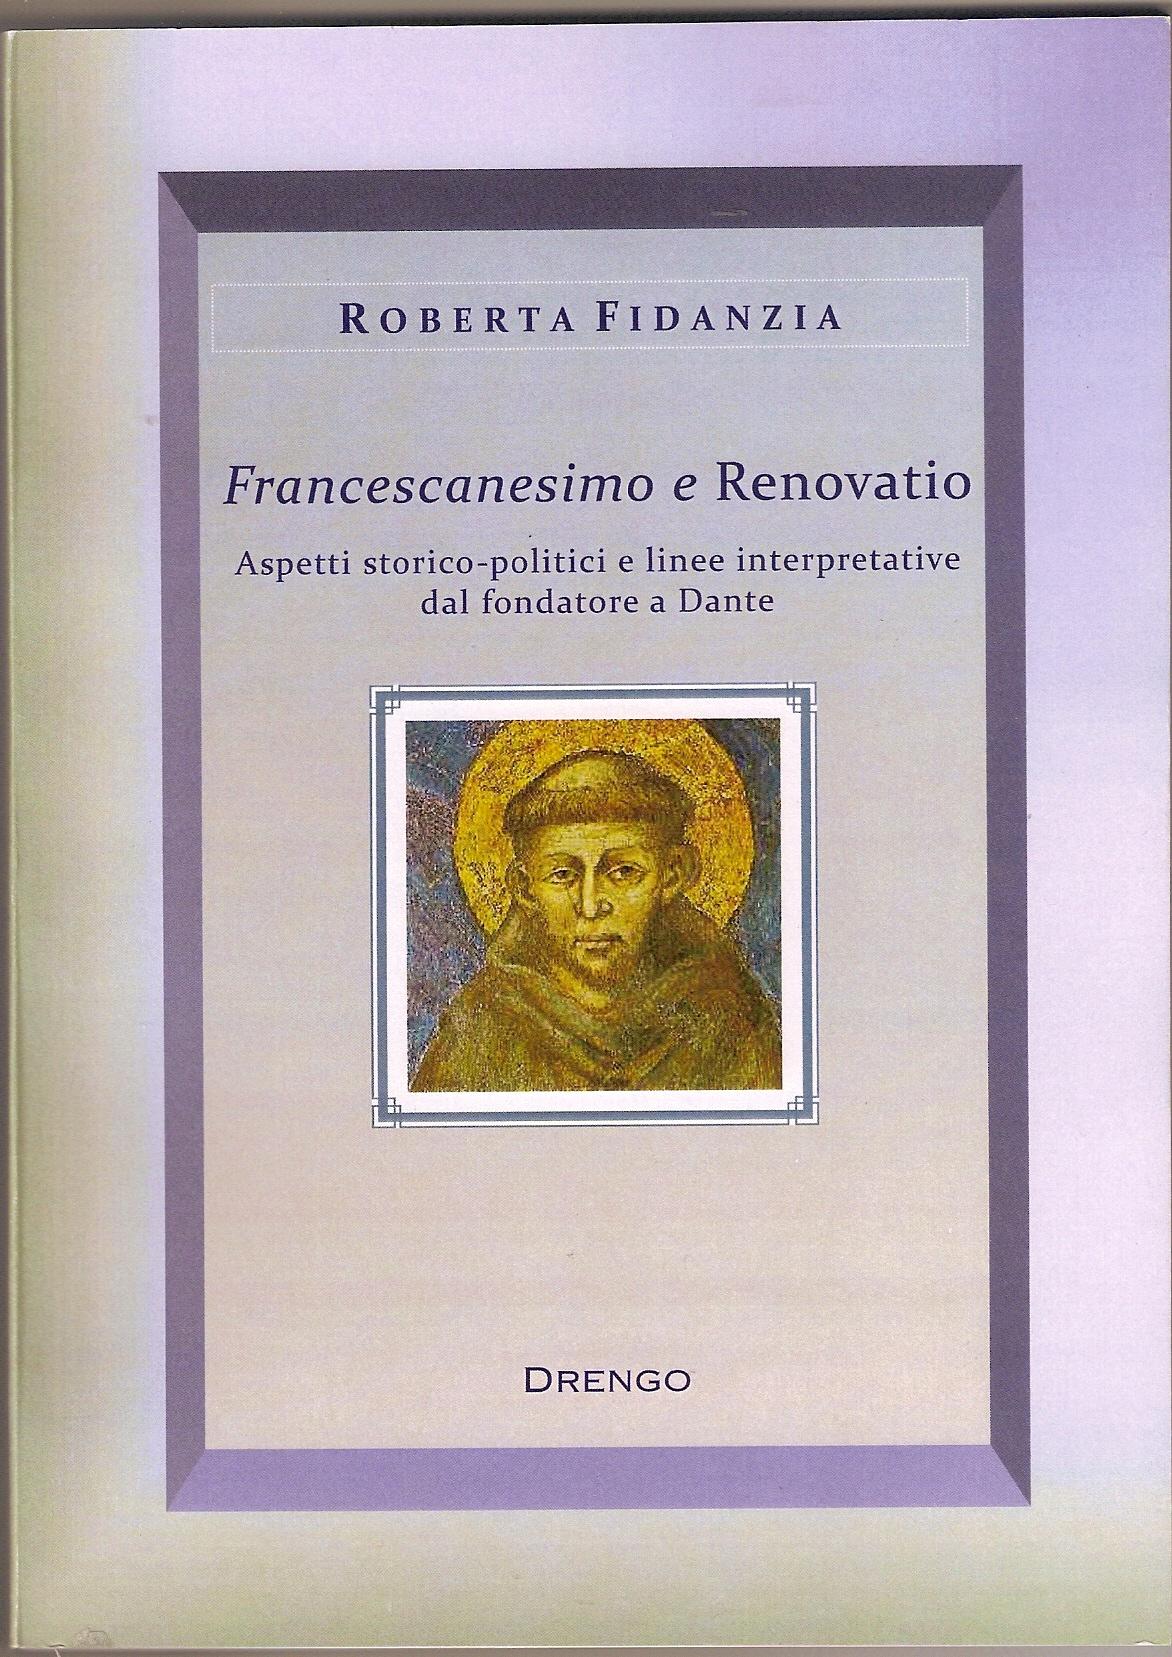 Francescanesimo e Renovatio